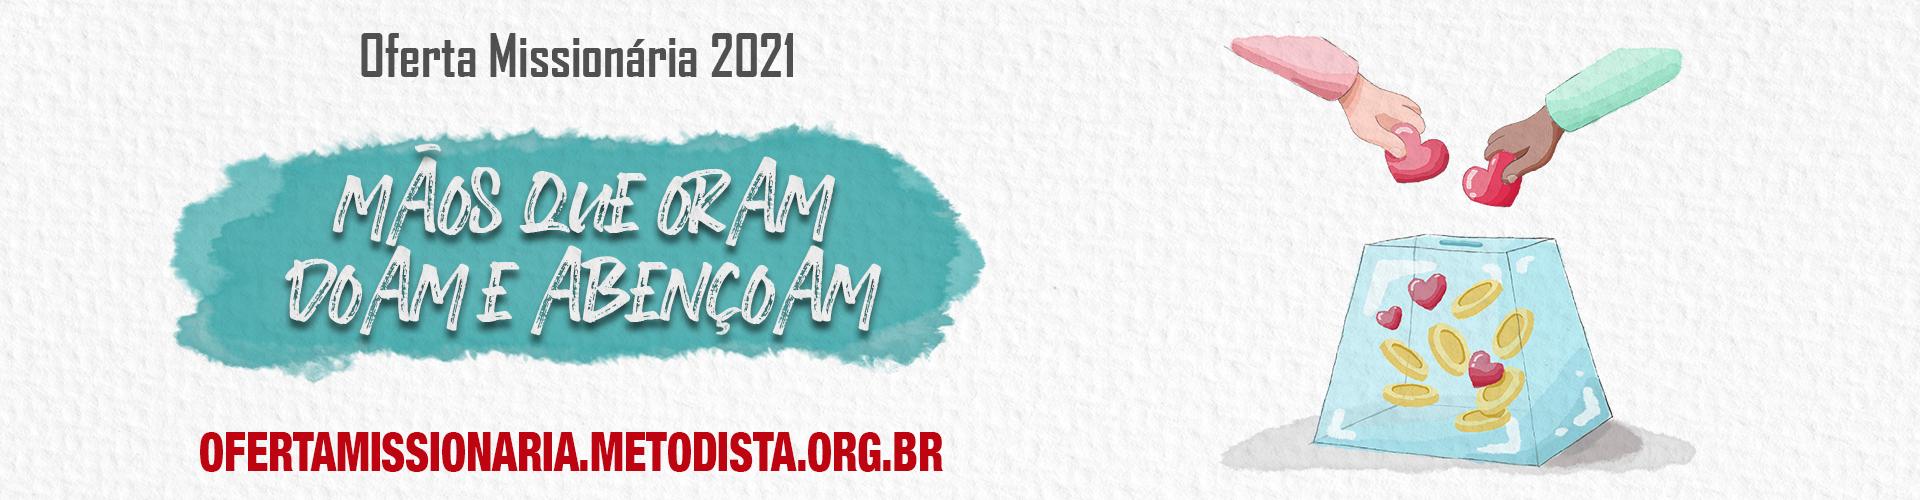 Oferta Missionária 2021